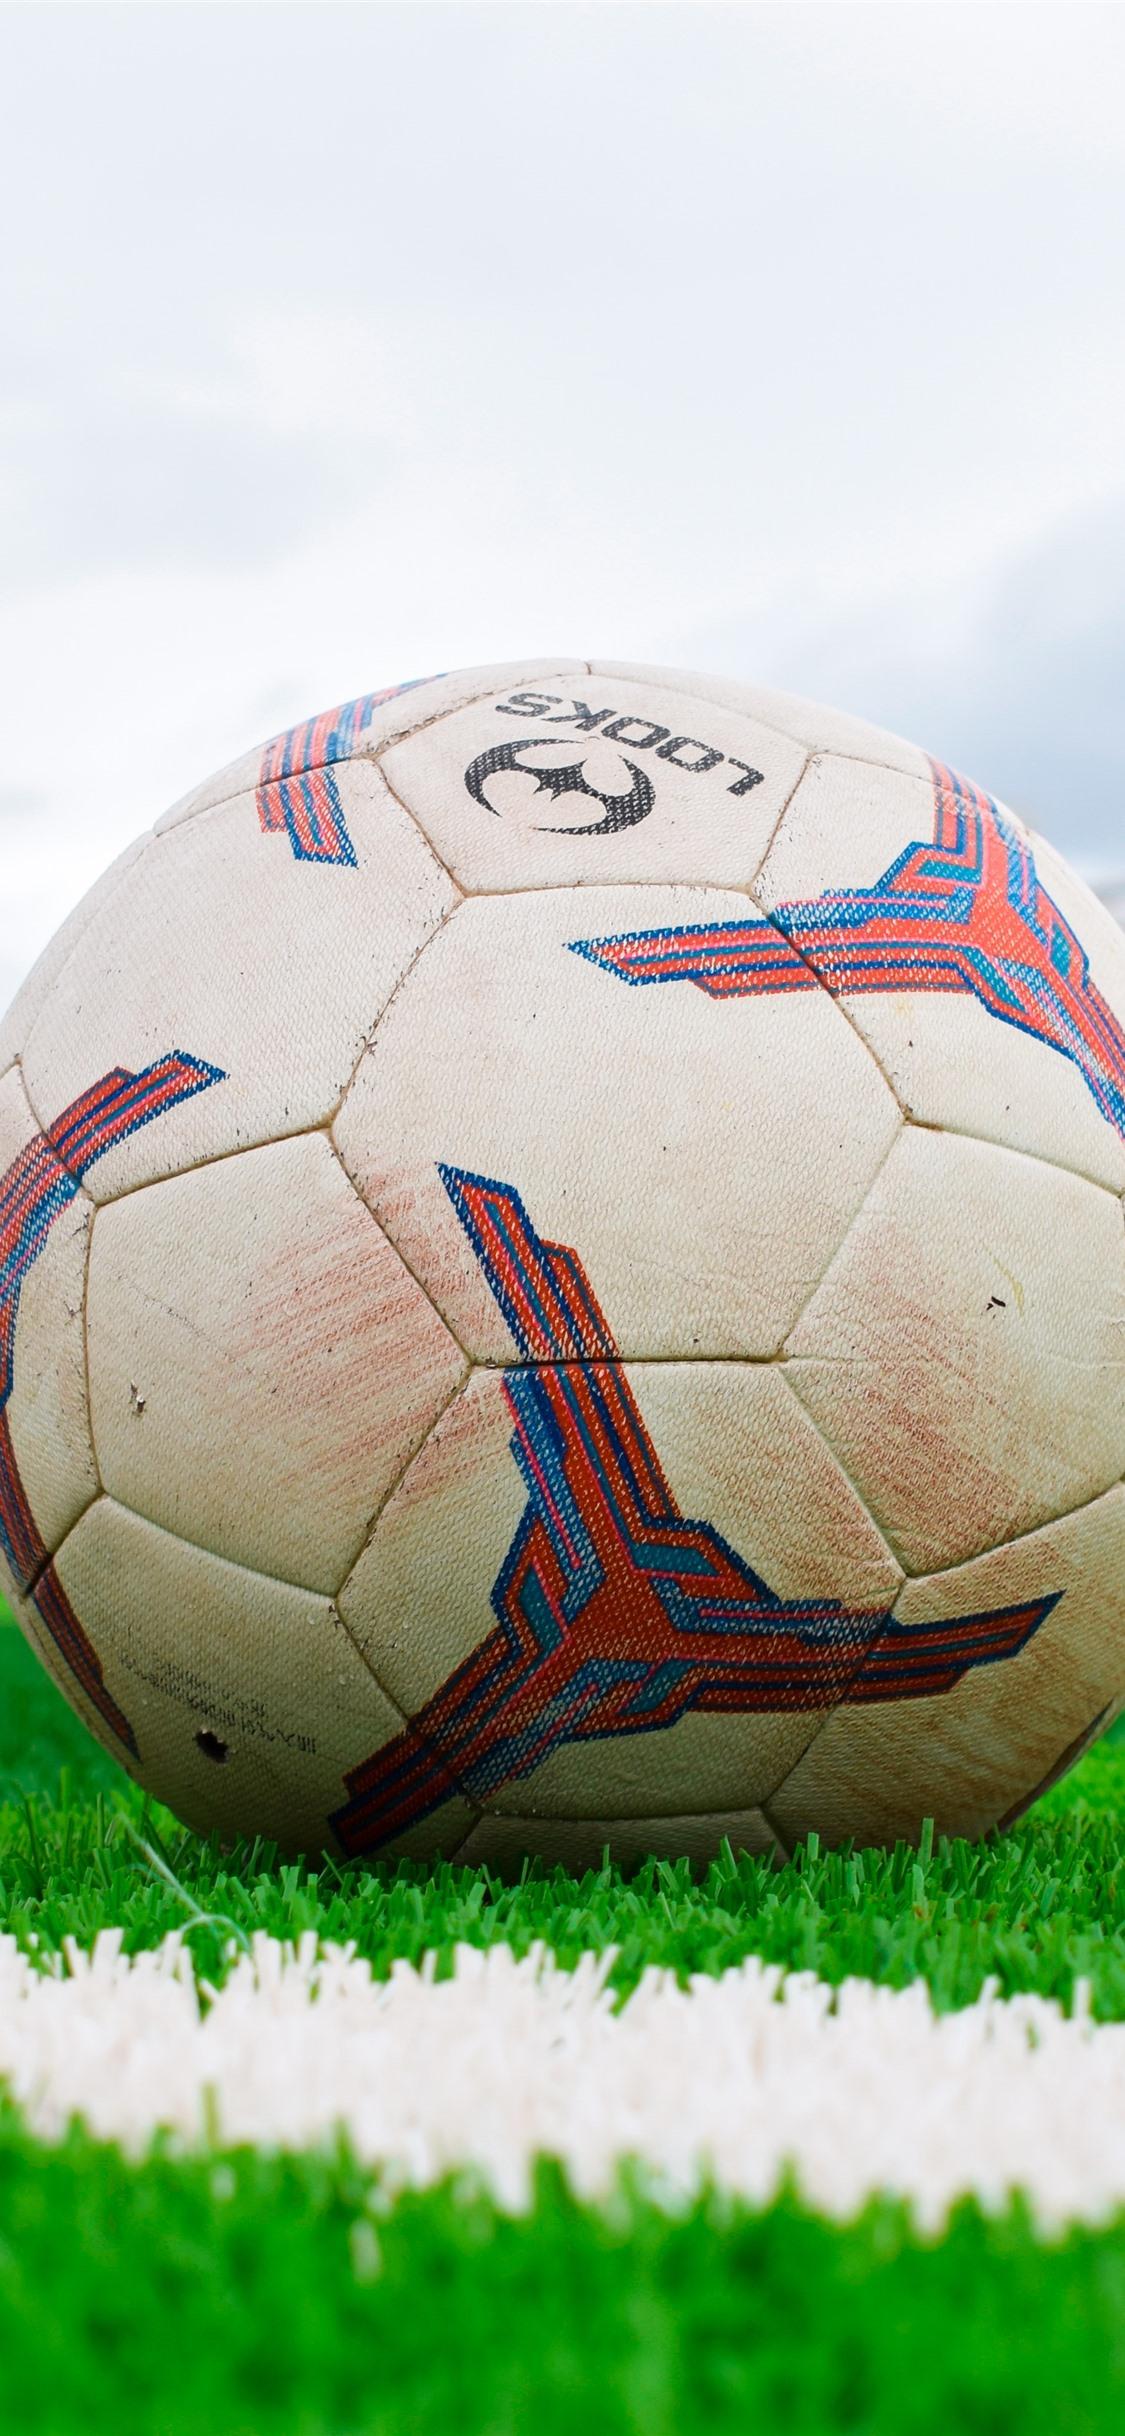 Wallpaper Football Meadow School 5120x2880 Uhd 5k Picture